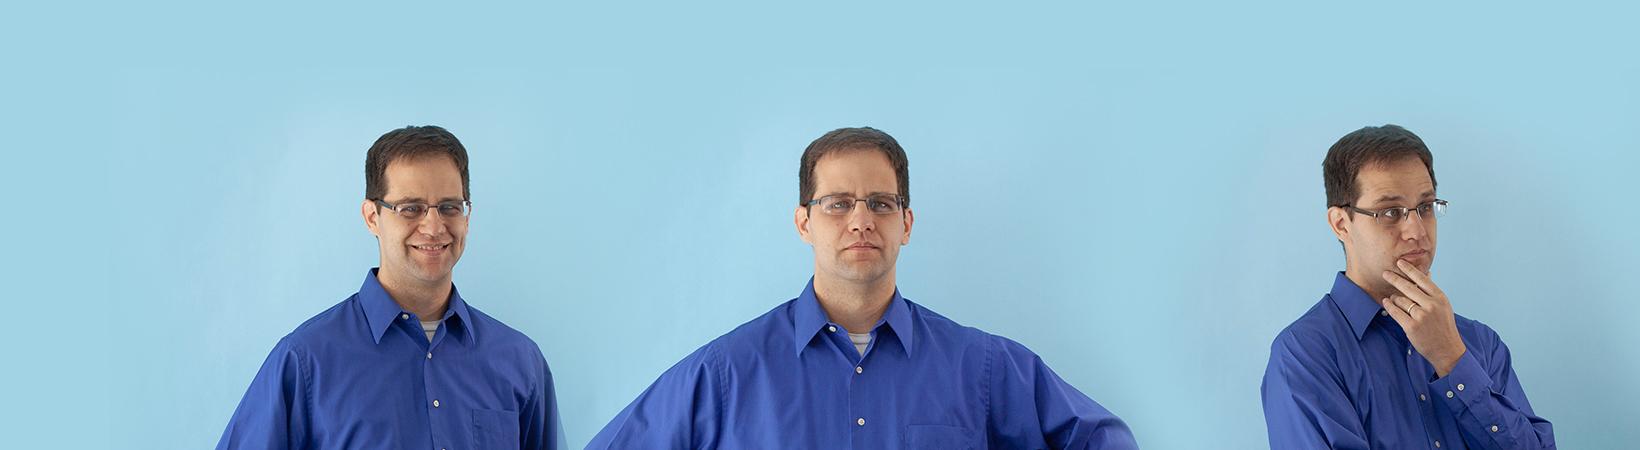 Mike Weinbaum, P.E.